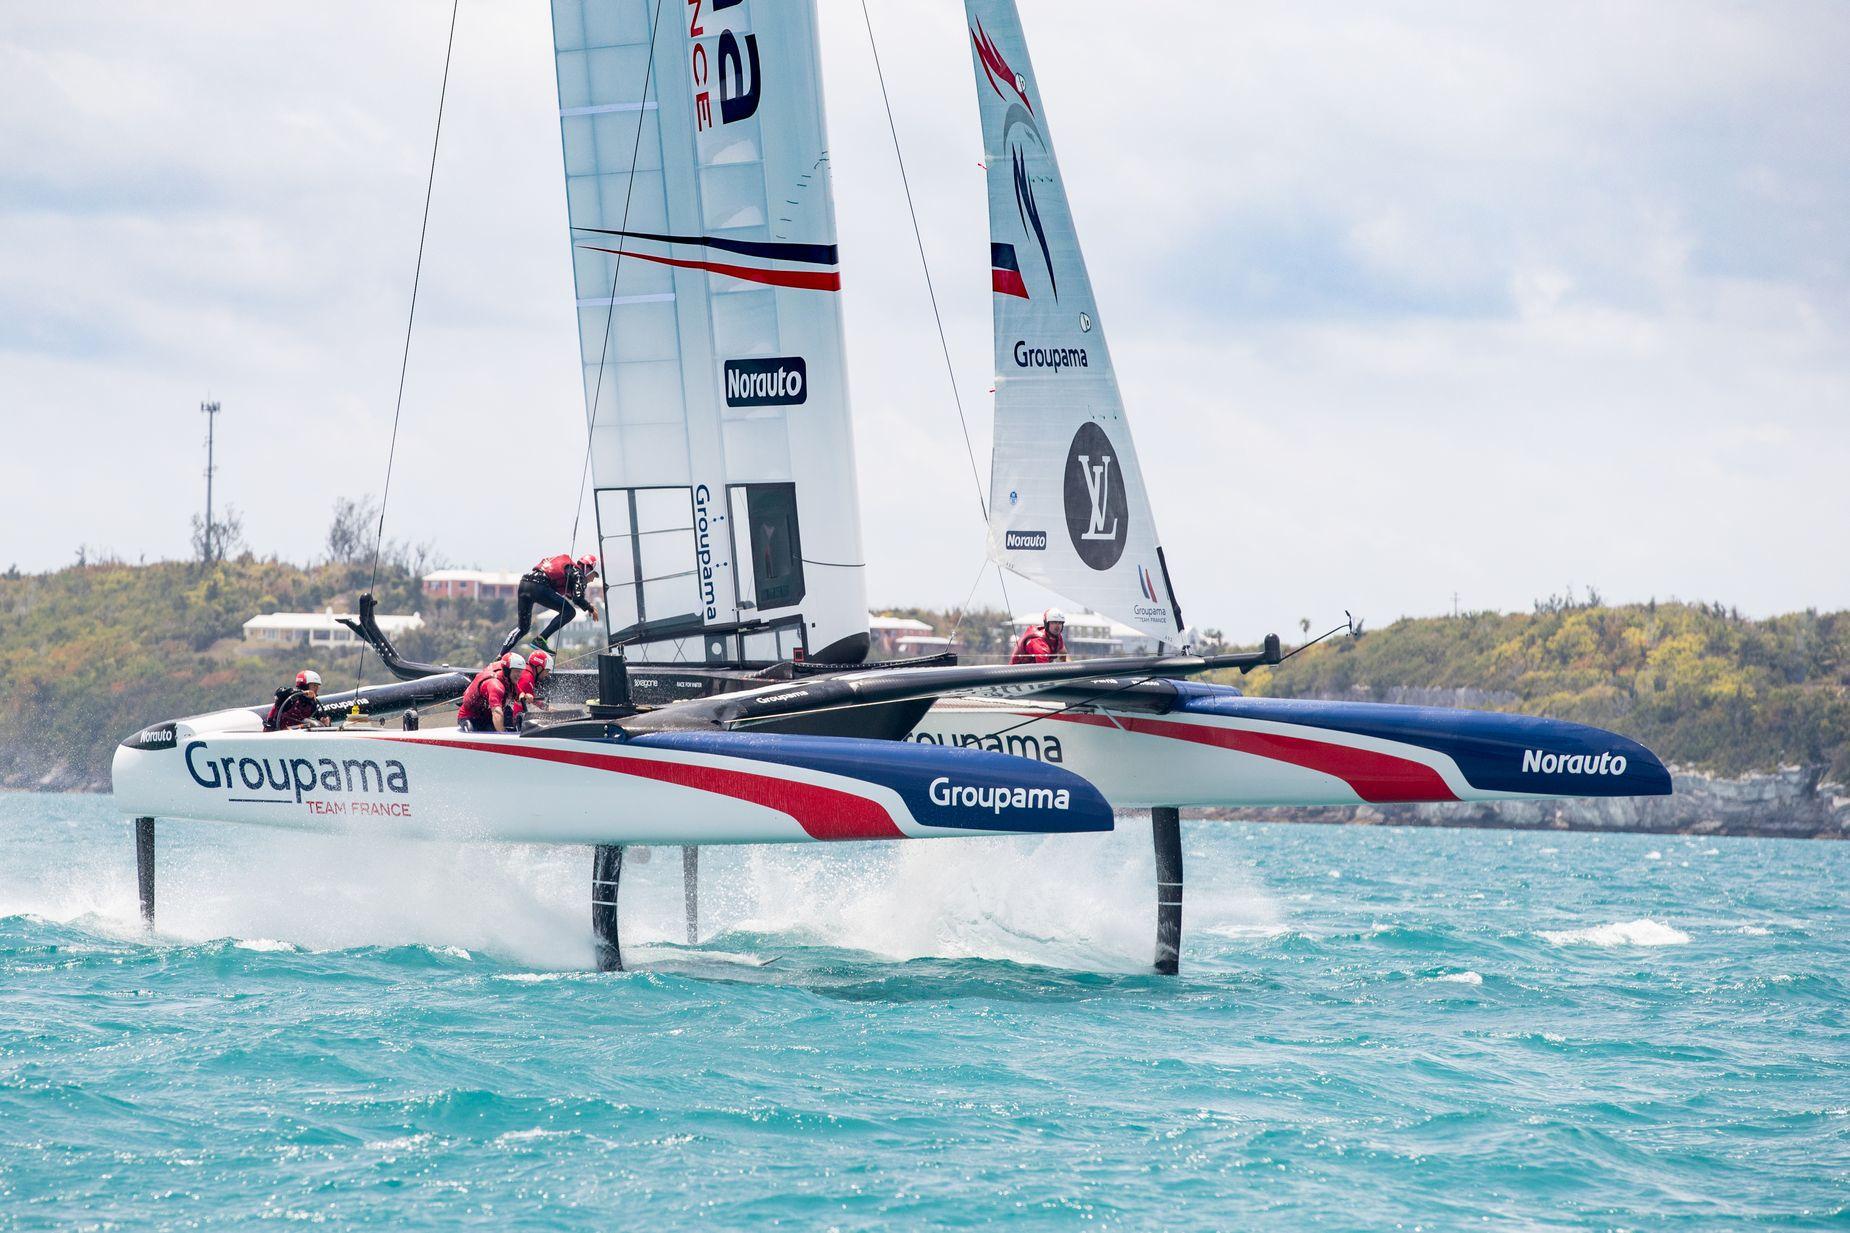 Voile - Coupe de l'America - En direct des Bermudes avec Michel Desjoyeaux